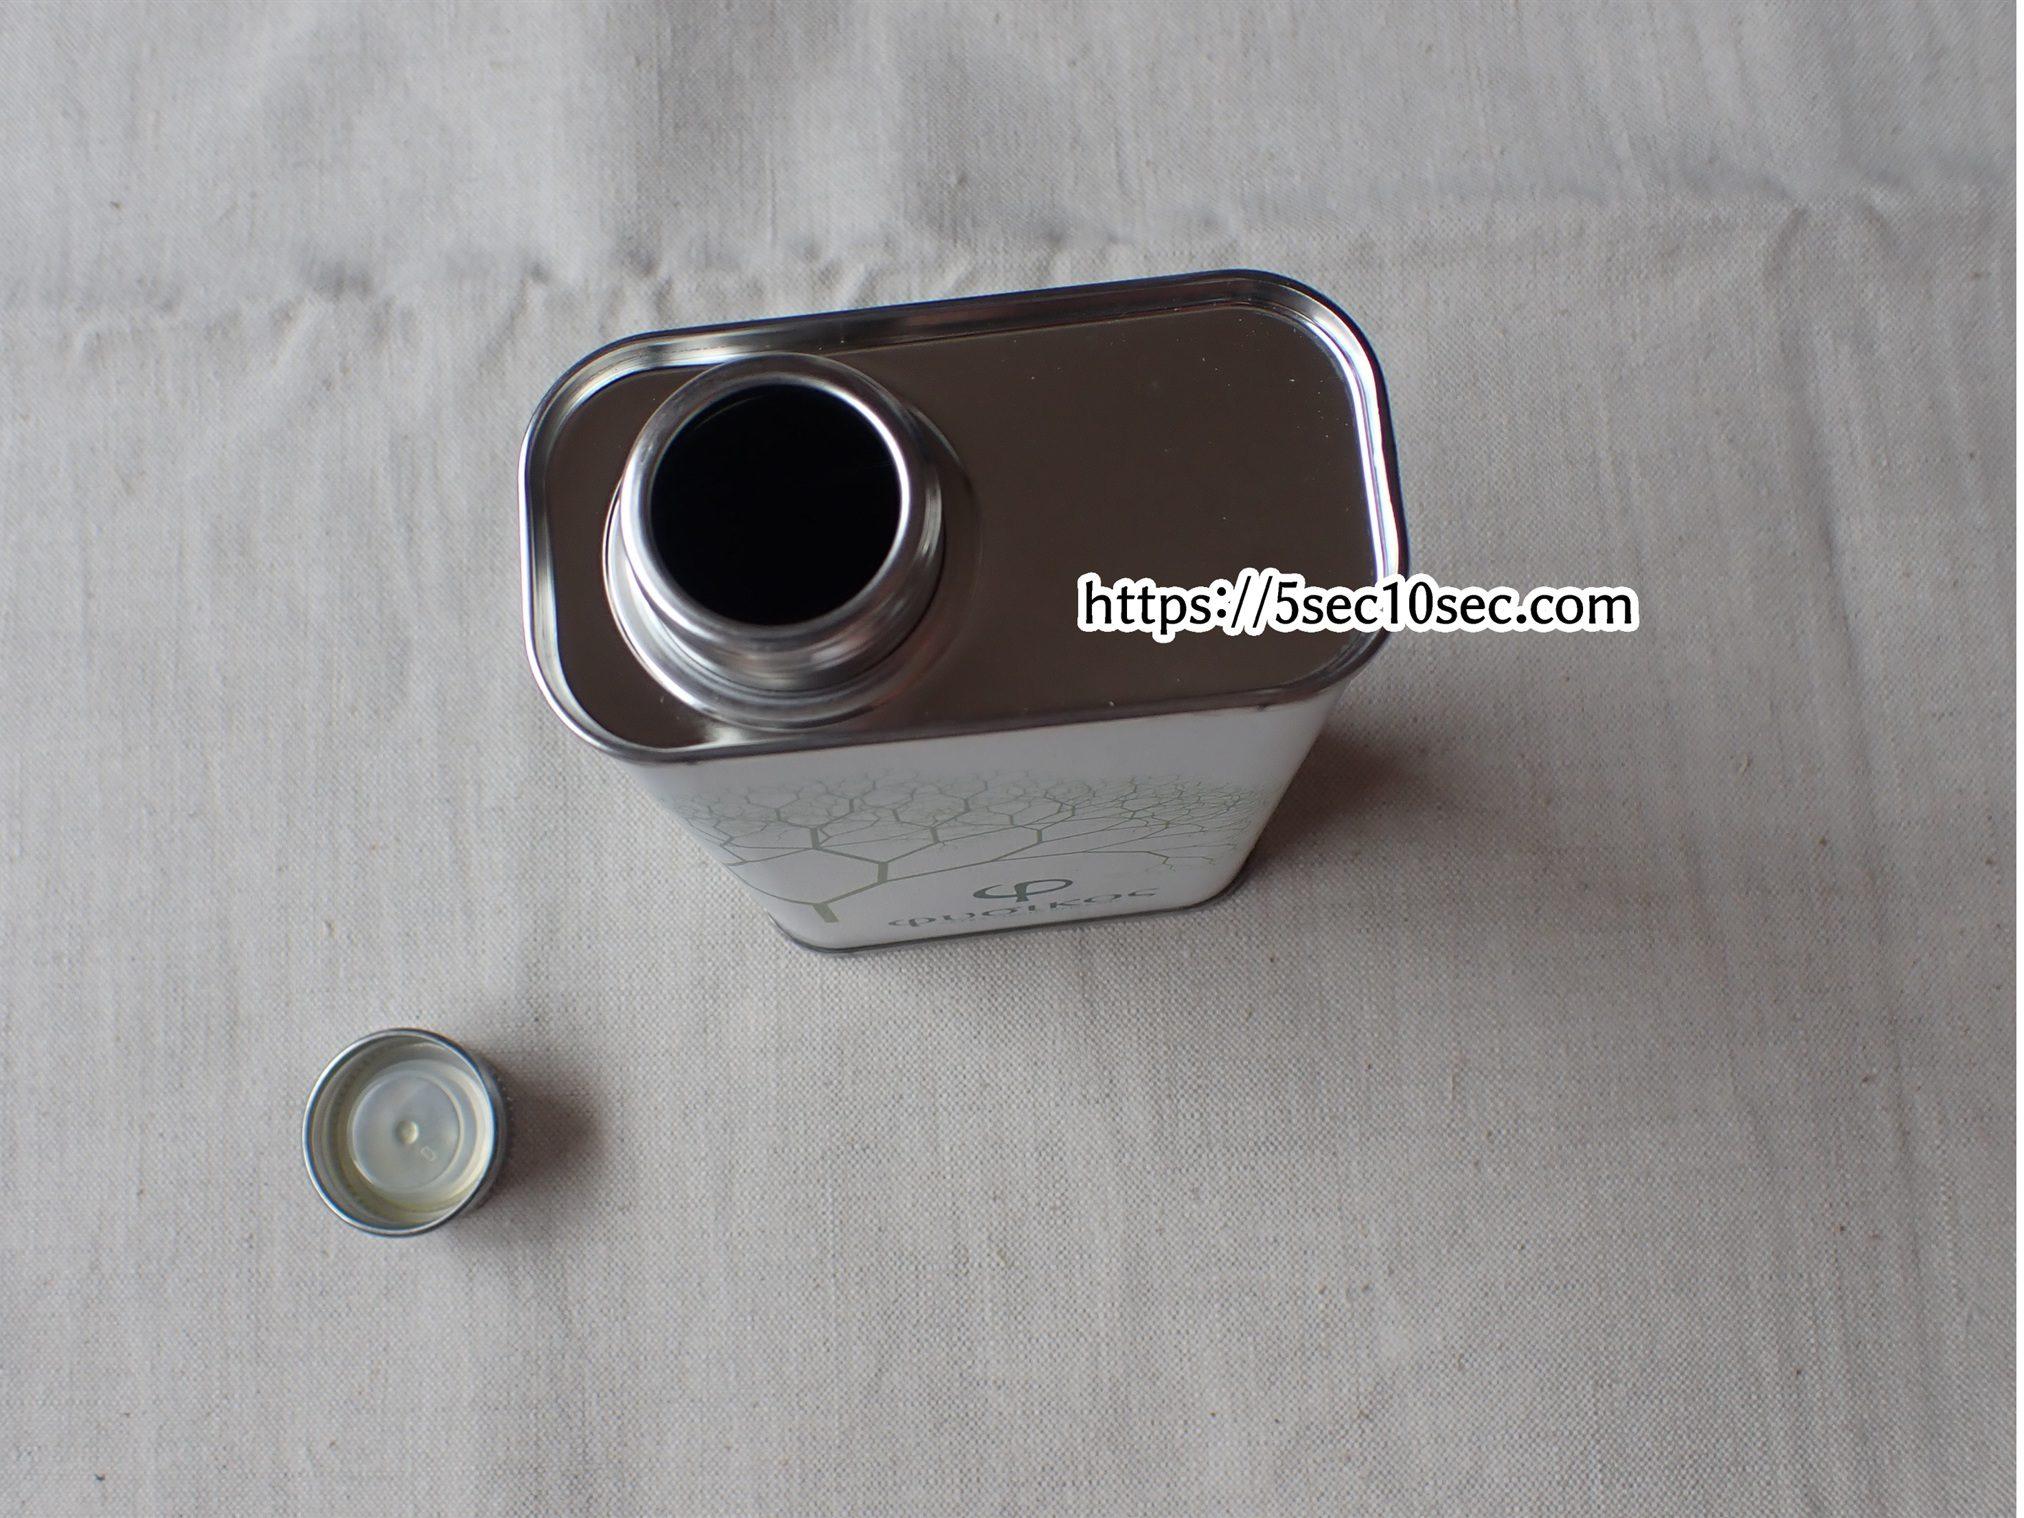 株式会社クレタ・シラキス フシコス ギリシャ産エキストラヴァージンオリーブオイル 缶の蓋と中蓋を取り外してから使います